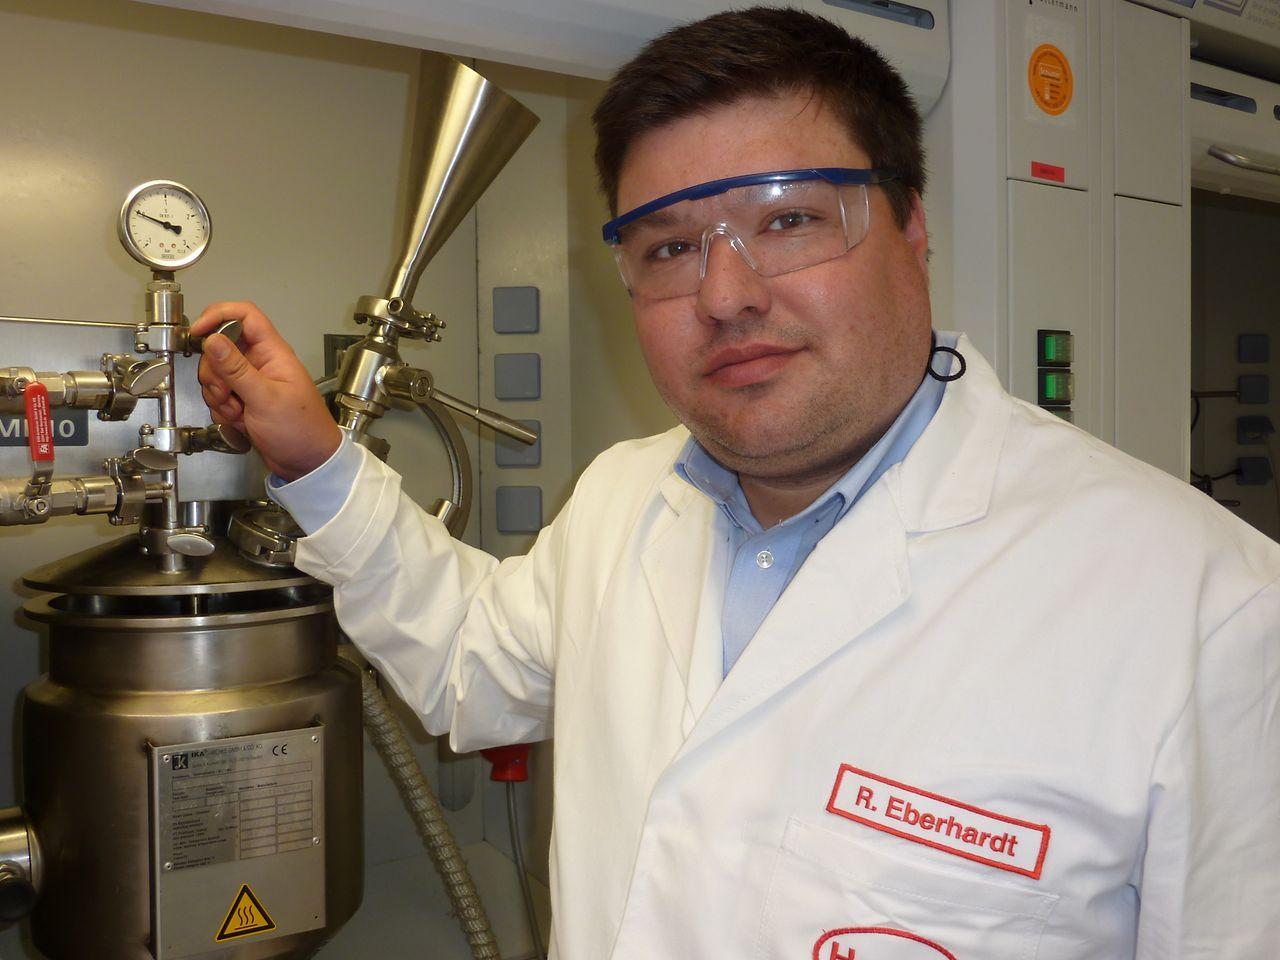 Henkel expert Ralf Eberhardt